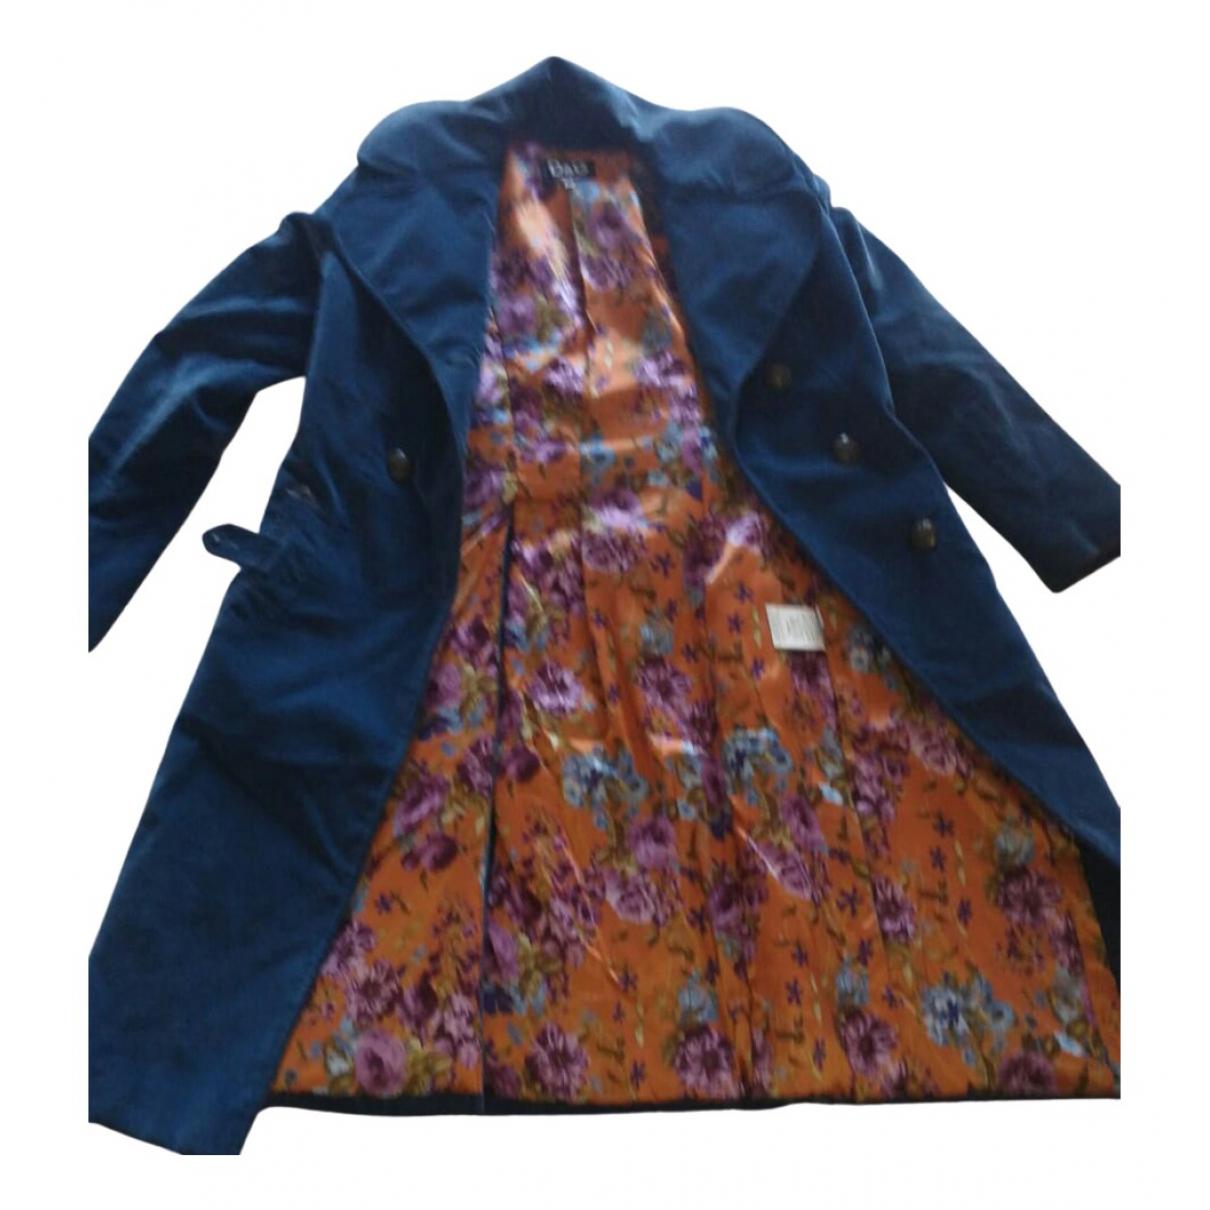 D&g - Manteau   pour femme en velours